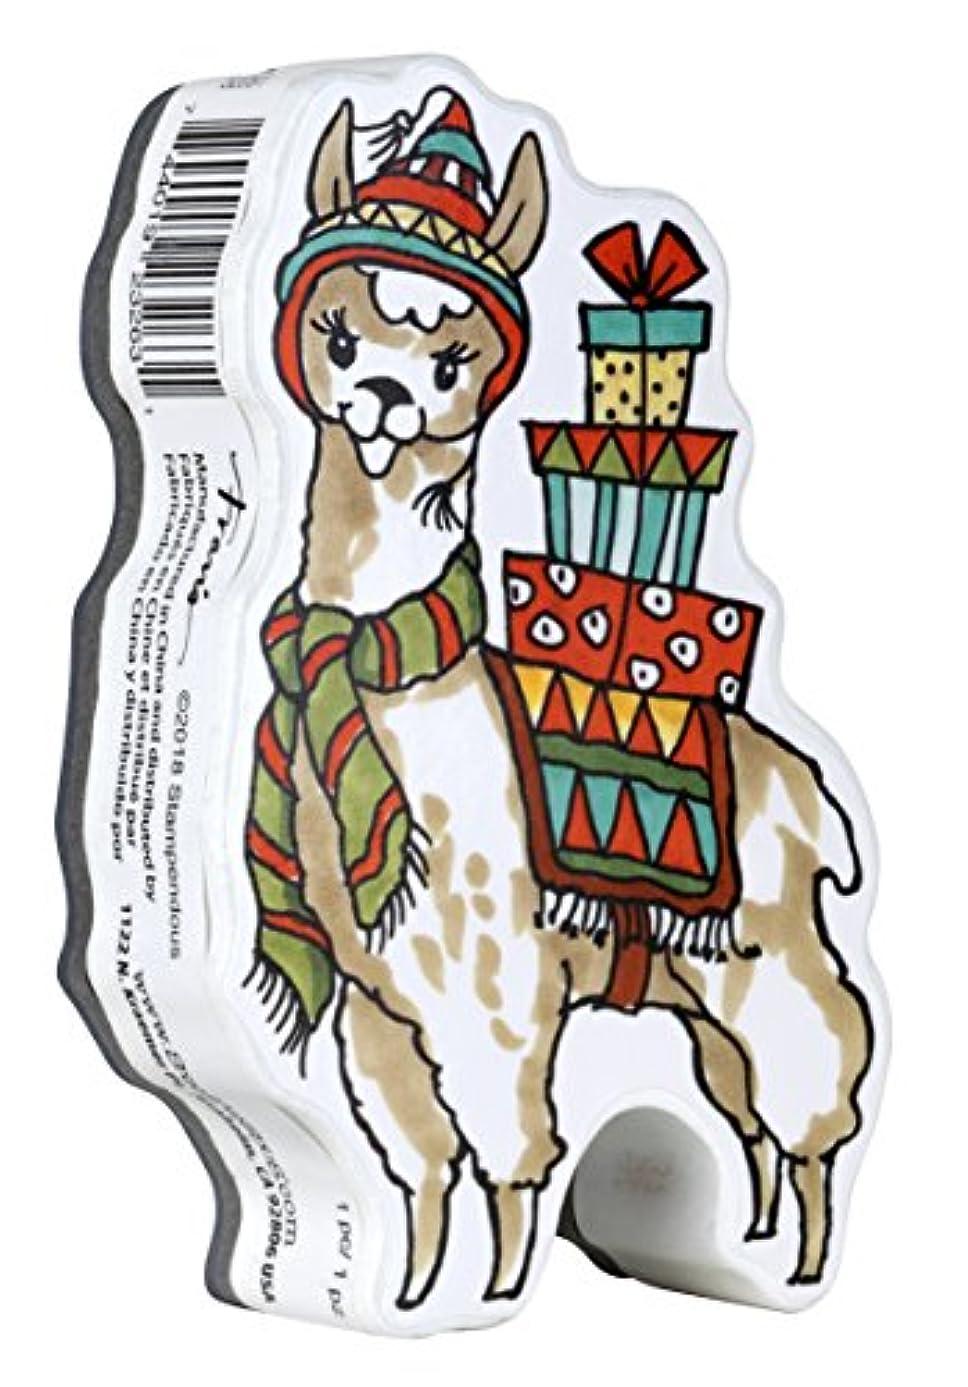 Stampendous Curio Stamp, Llama